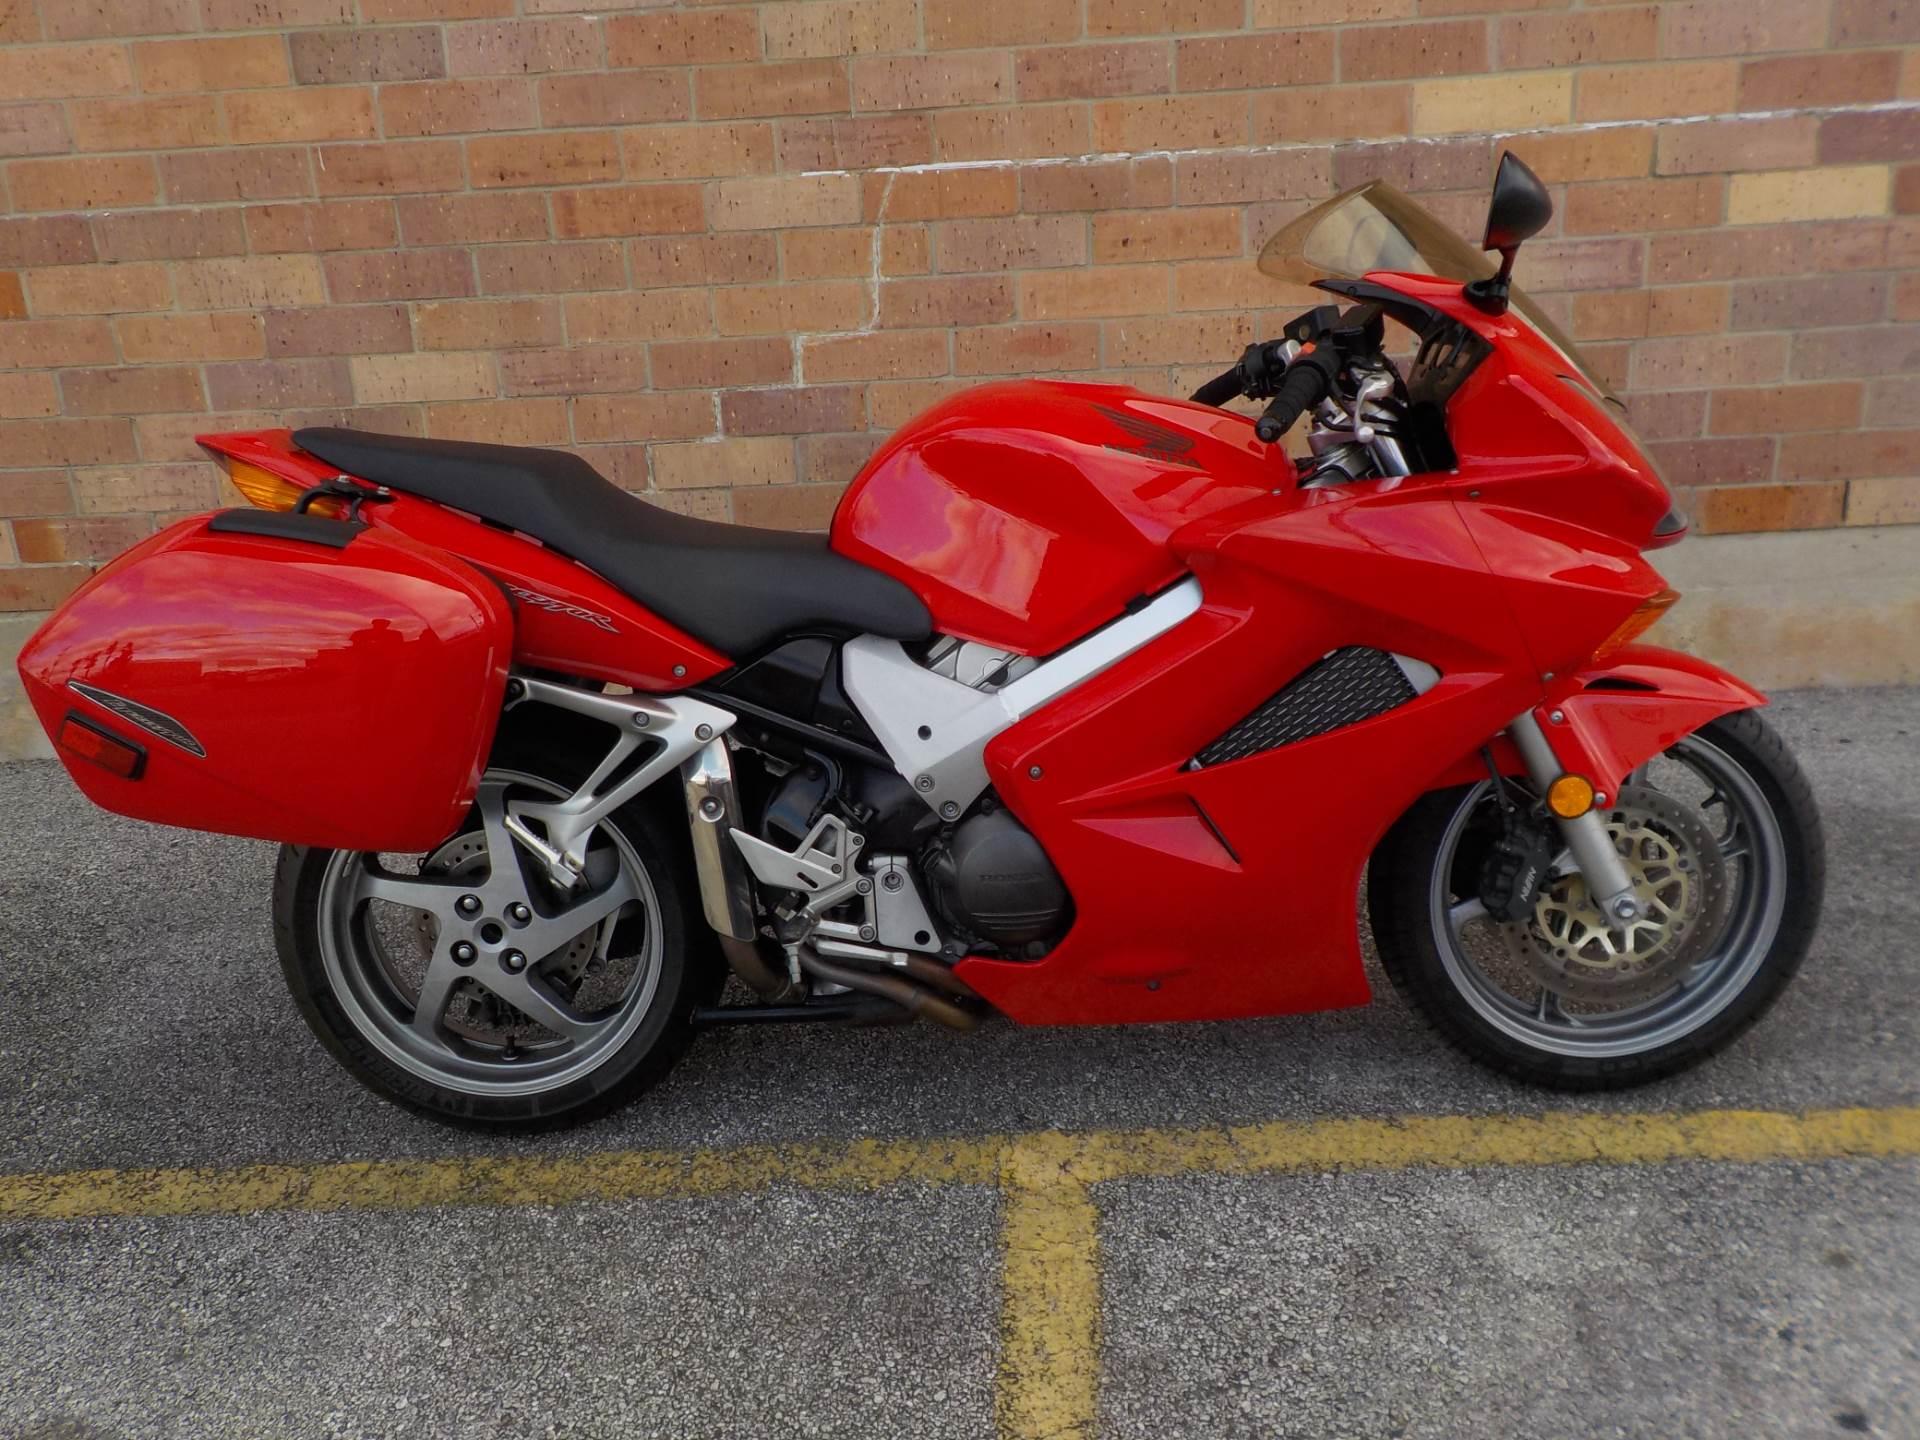 2004 Honda Interceptor for sale 5390